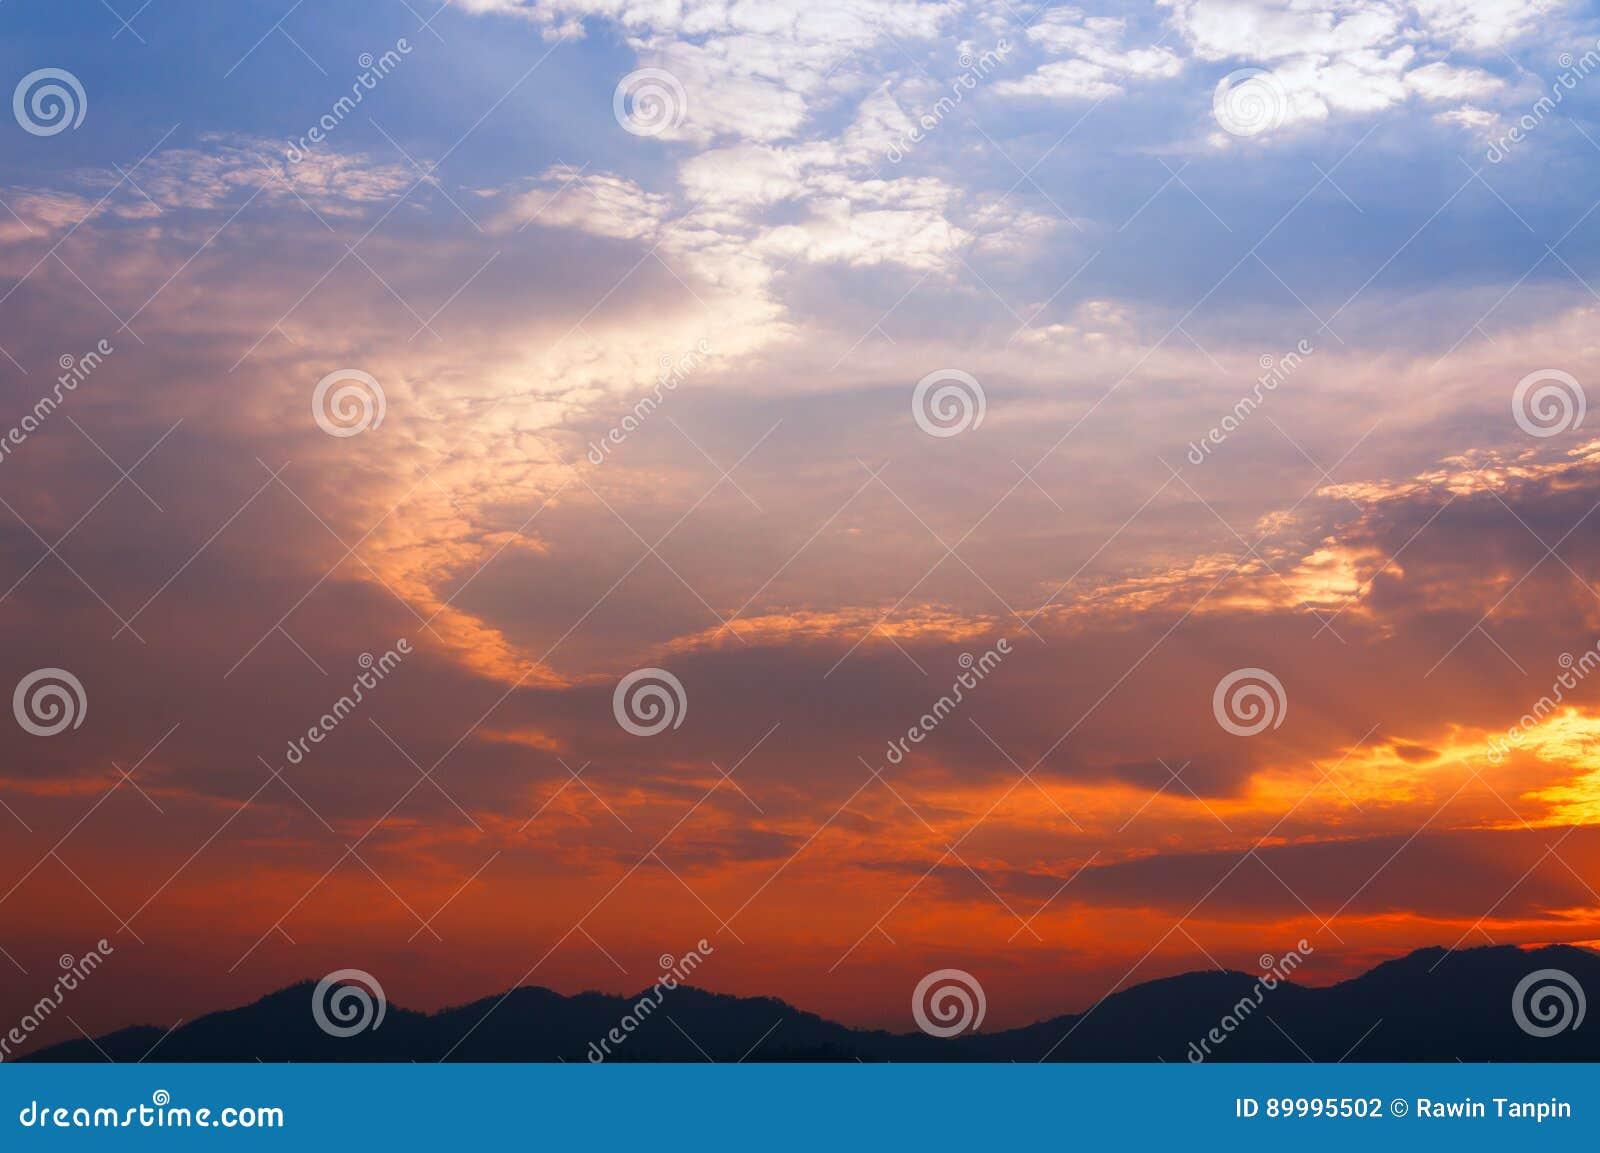 Paysage De Vue De Coucher Du Soleil Avec La Montagne De